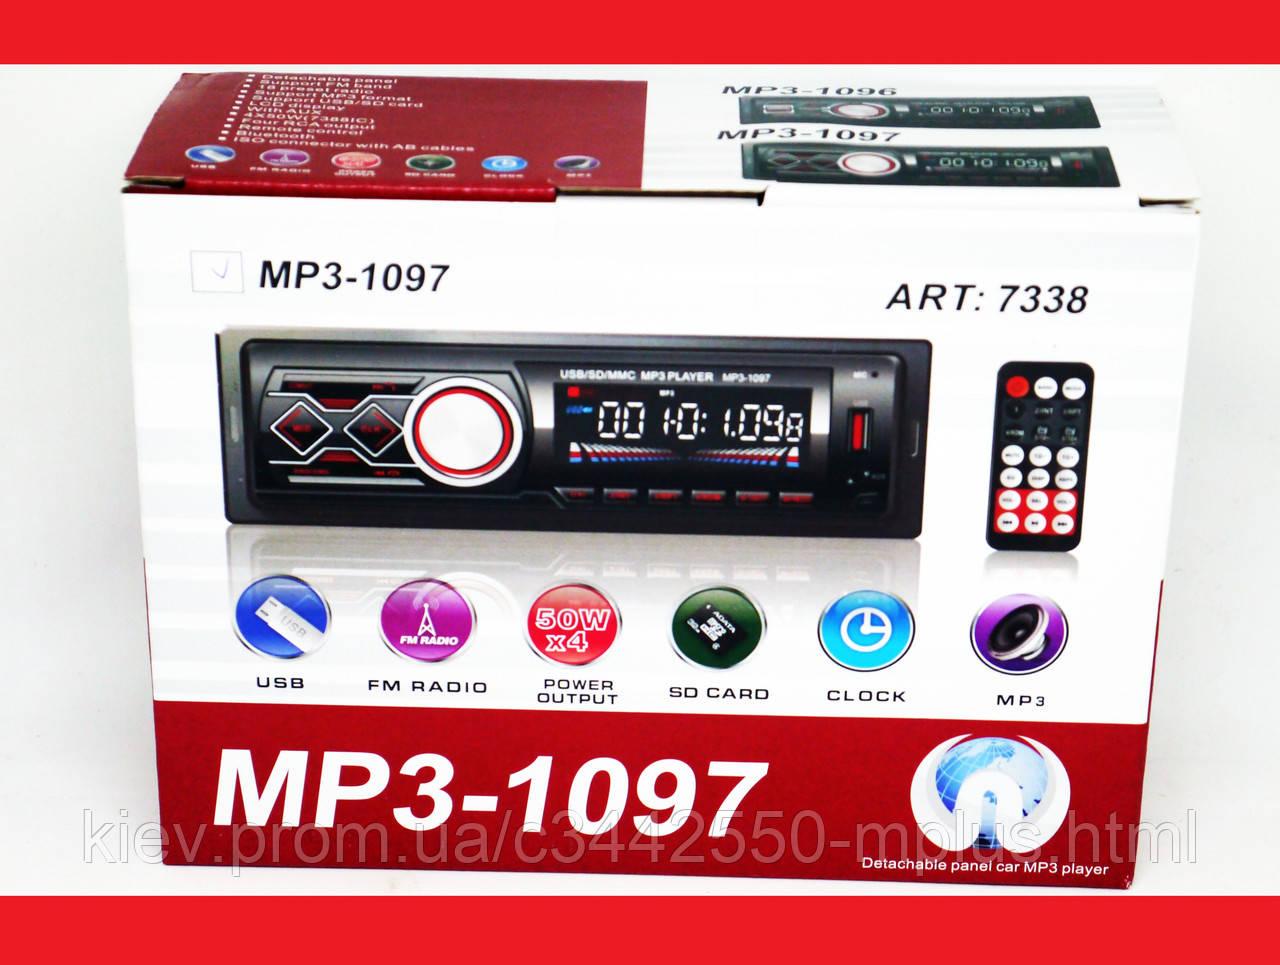 Автомагнитола Pioneer 1097BT - Bluetooth MP3 Player, FM, USB, microSD, AUX - СЪЕМНАЯ панель